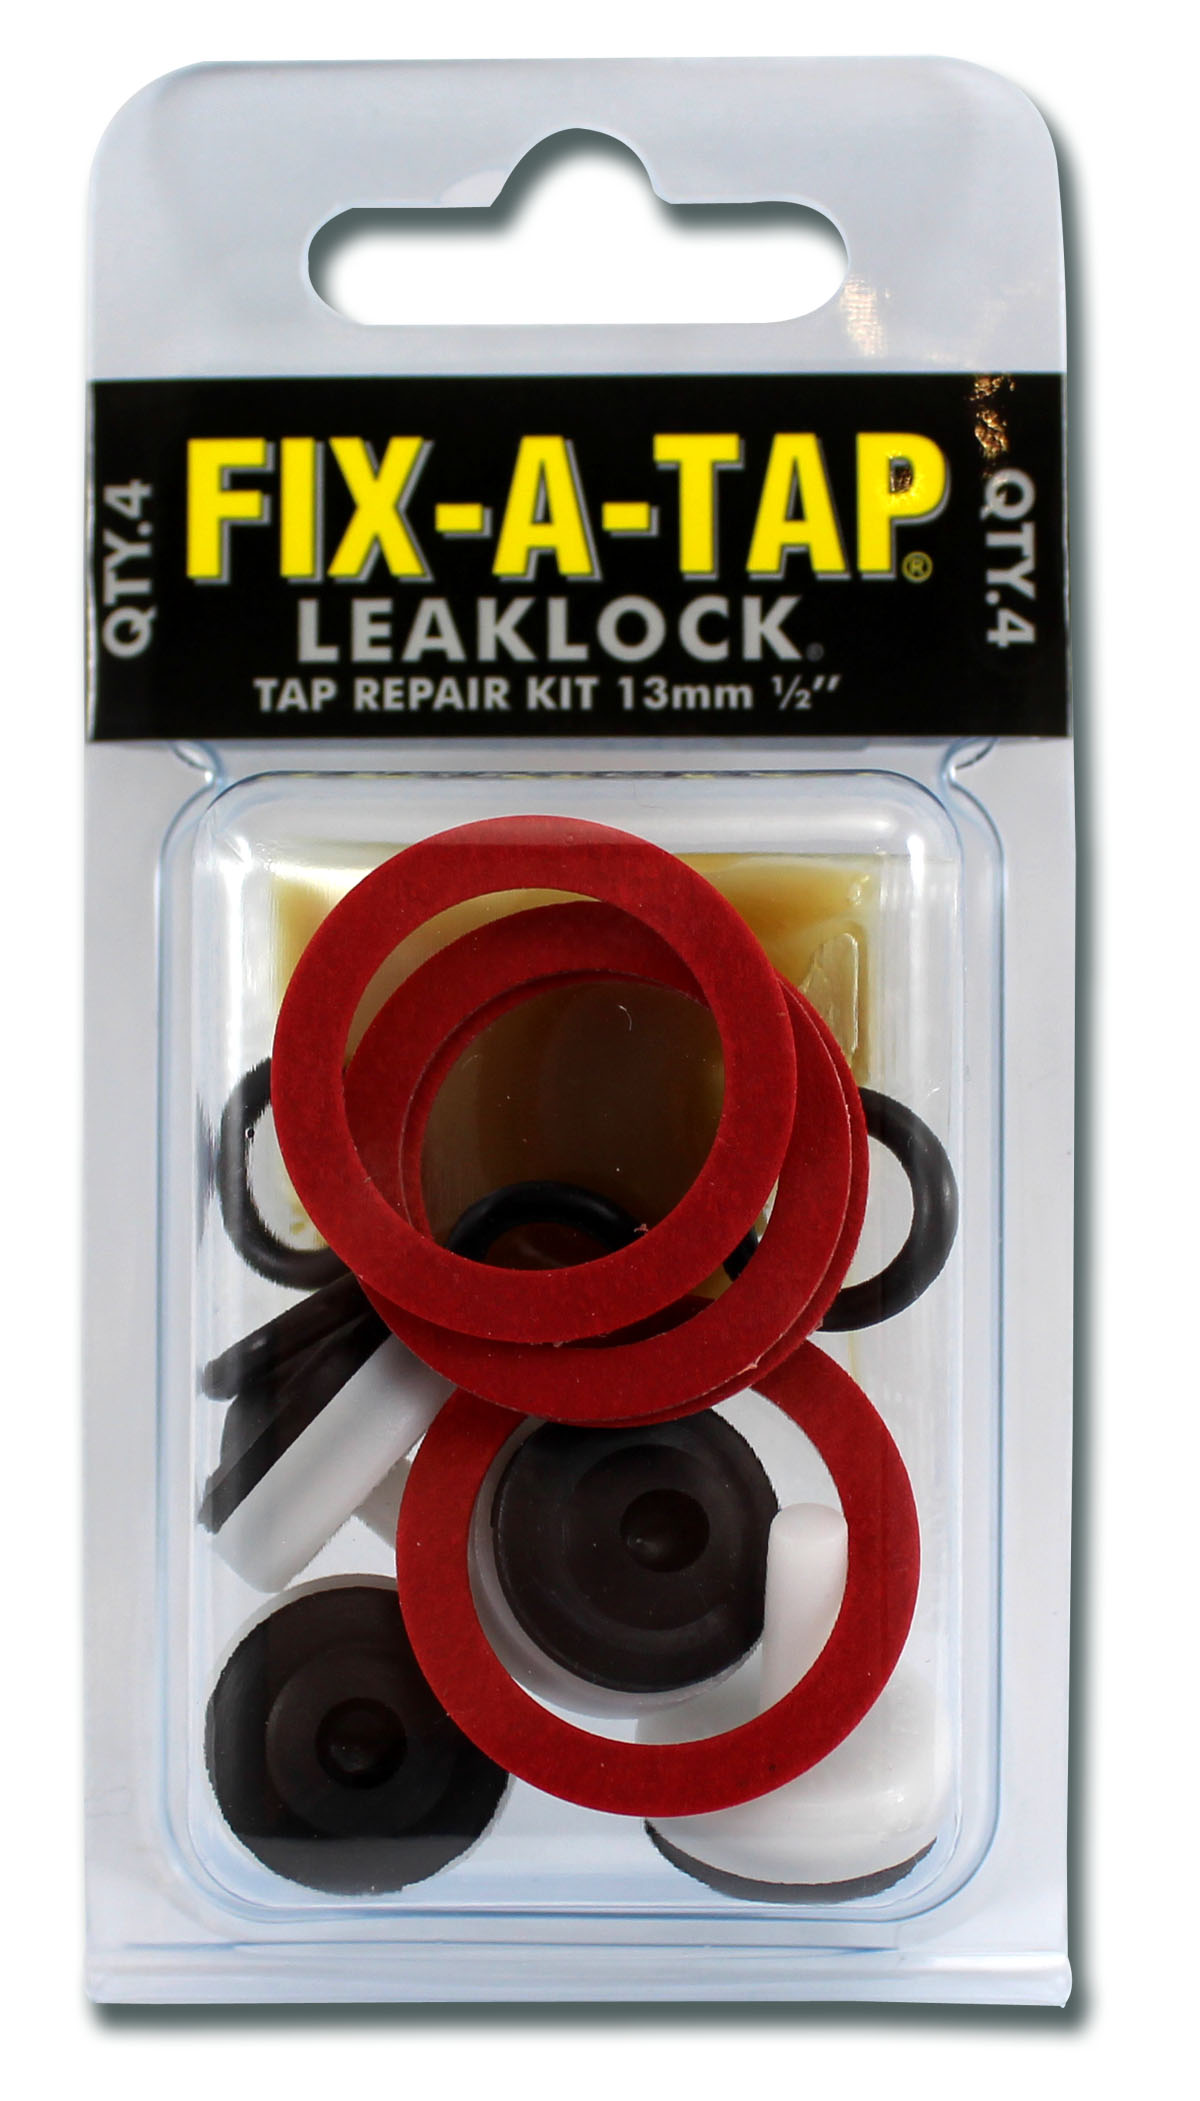 Leaklock Tap Repair Kit Fix A Tap